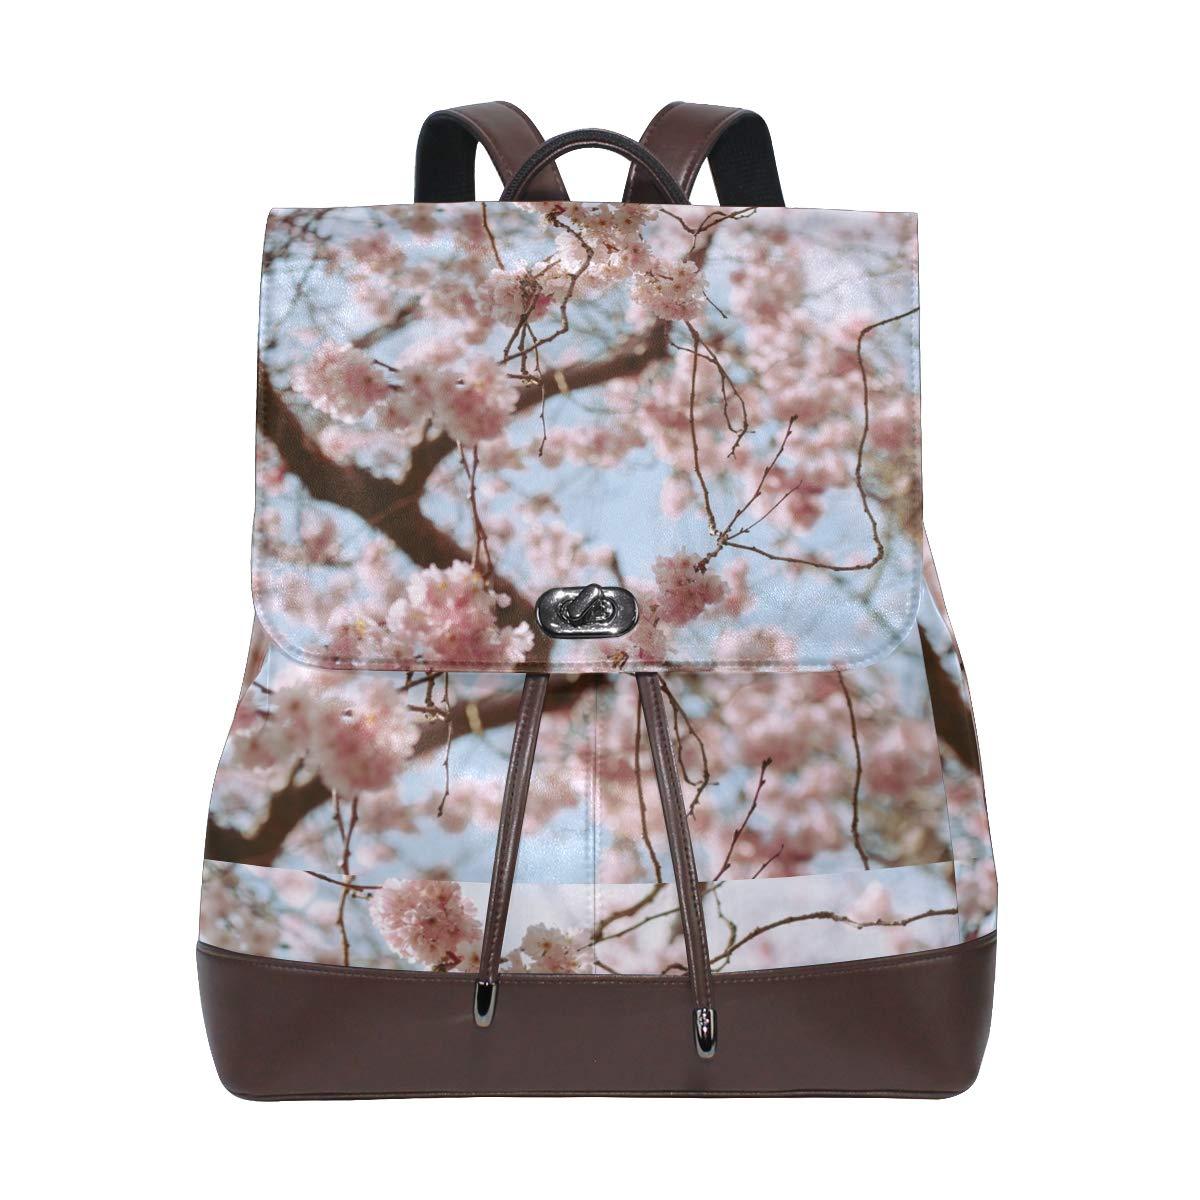 FAJRO Pretty giapponese Flowertravel zaino borsa scuola confezione